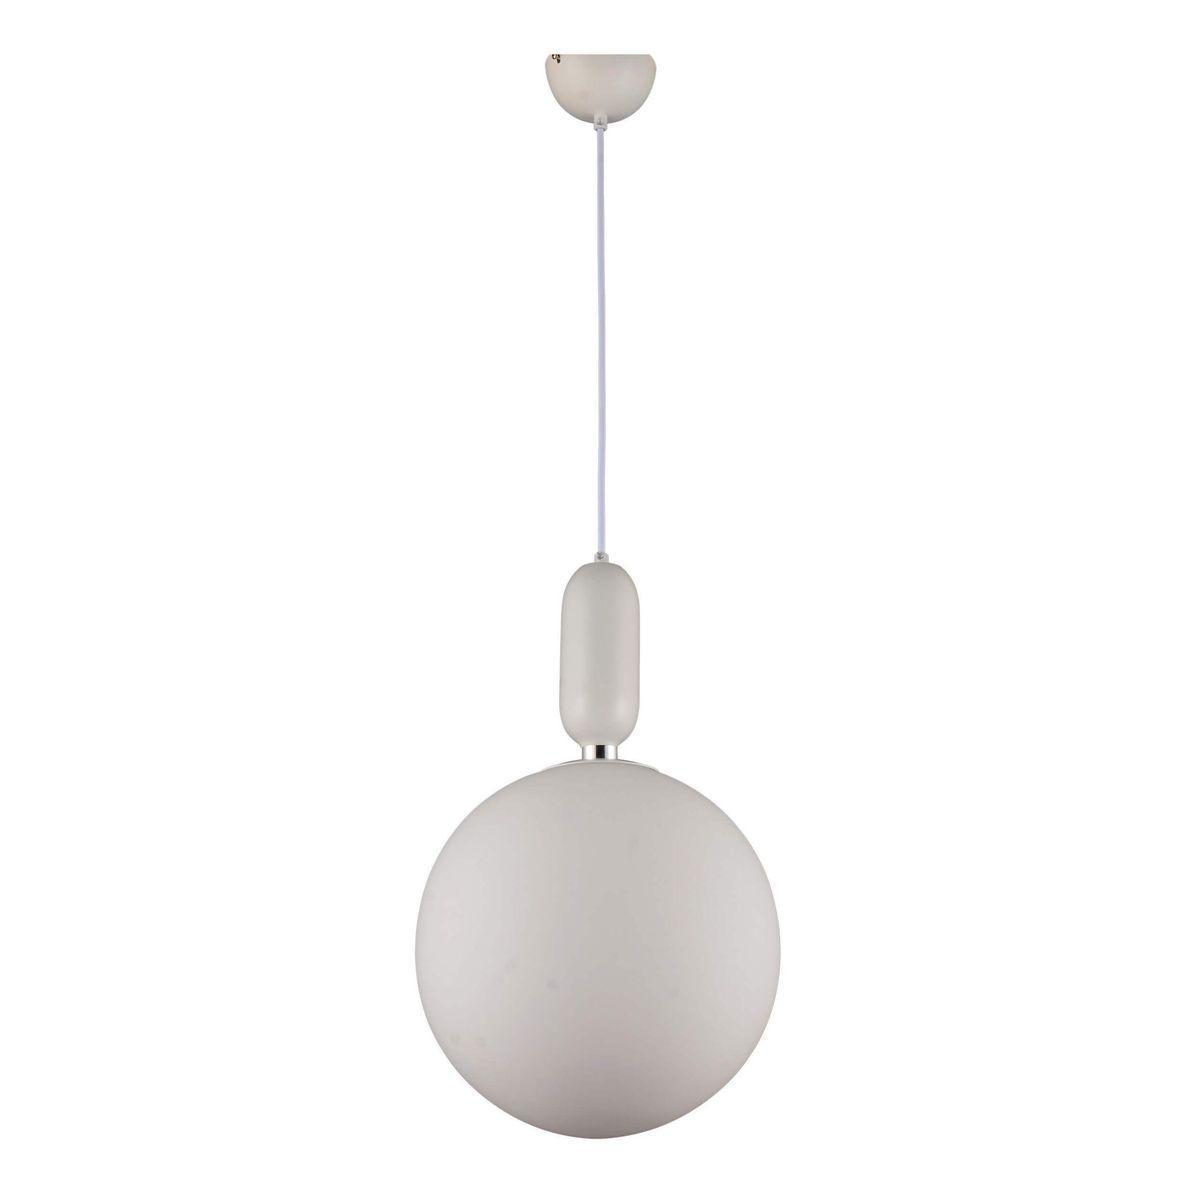 Подвесной светильник Lumina Deco Orito LDP 1219-300 WT+WT